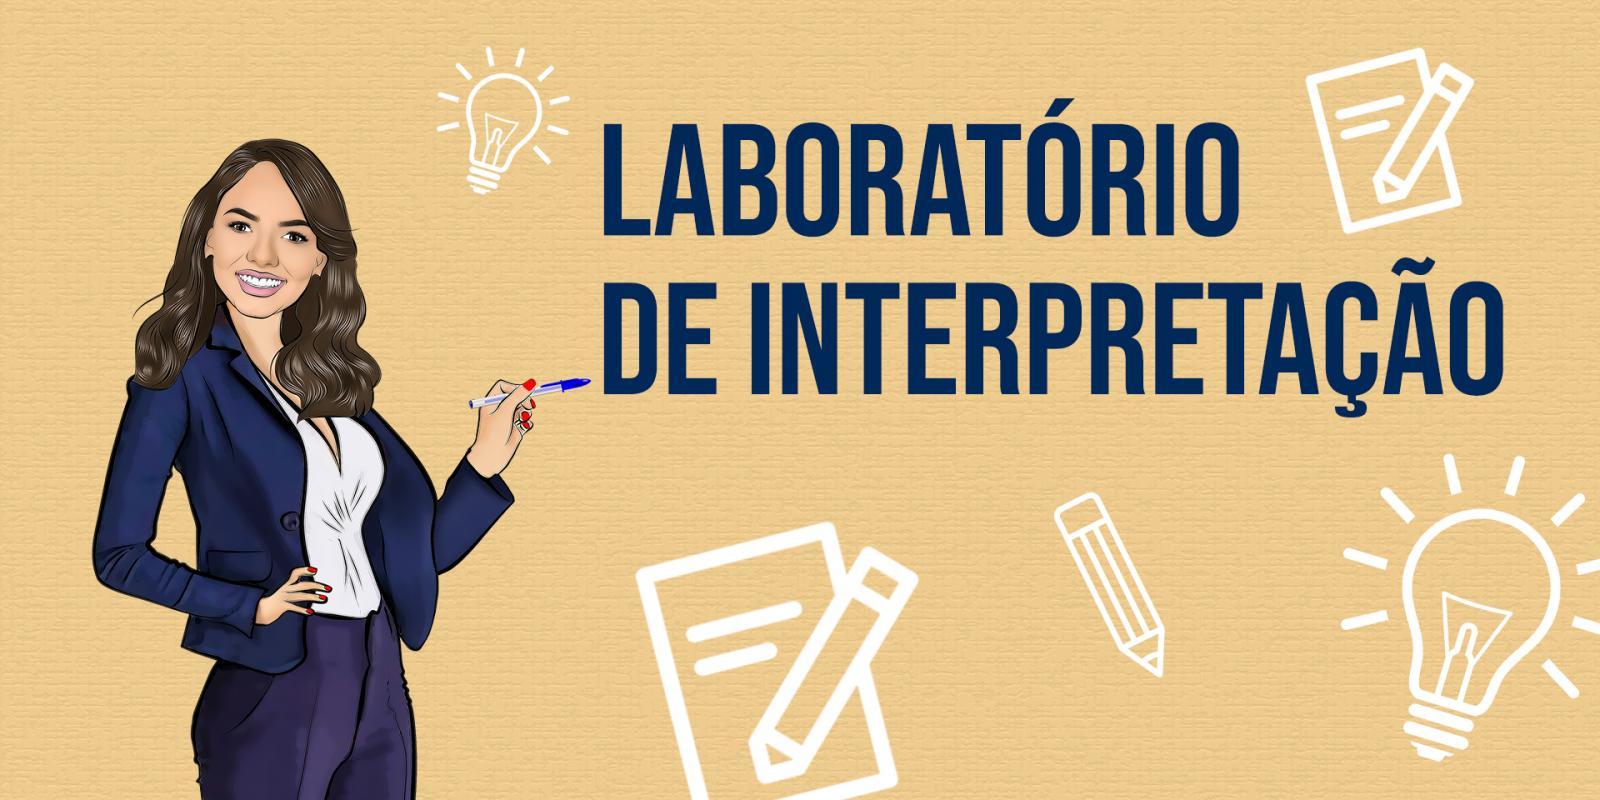 Curso Laboratório de Interpretação